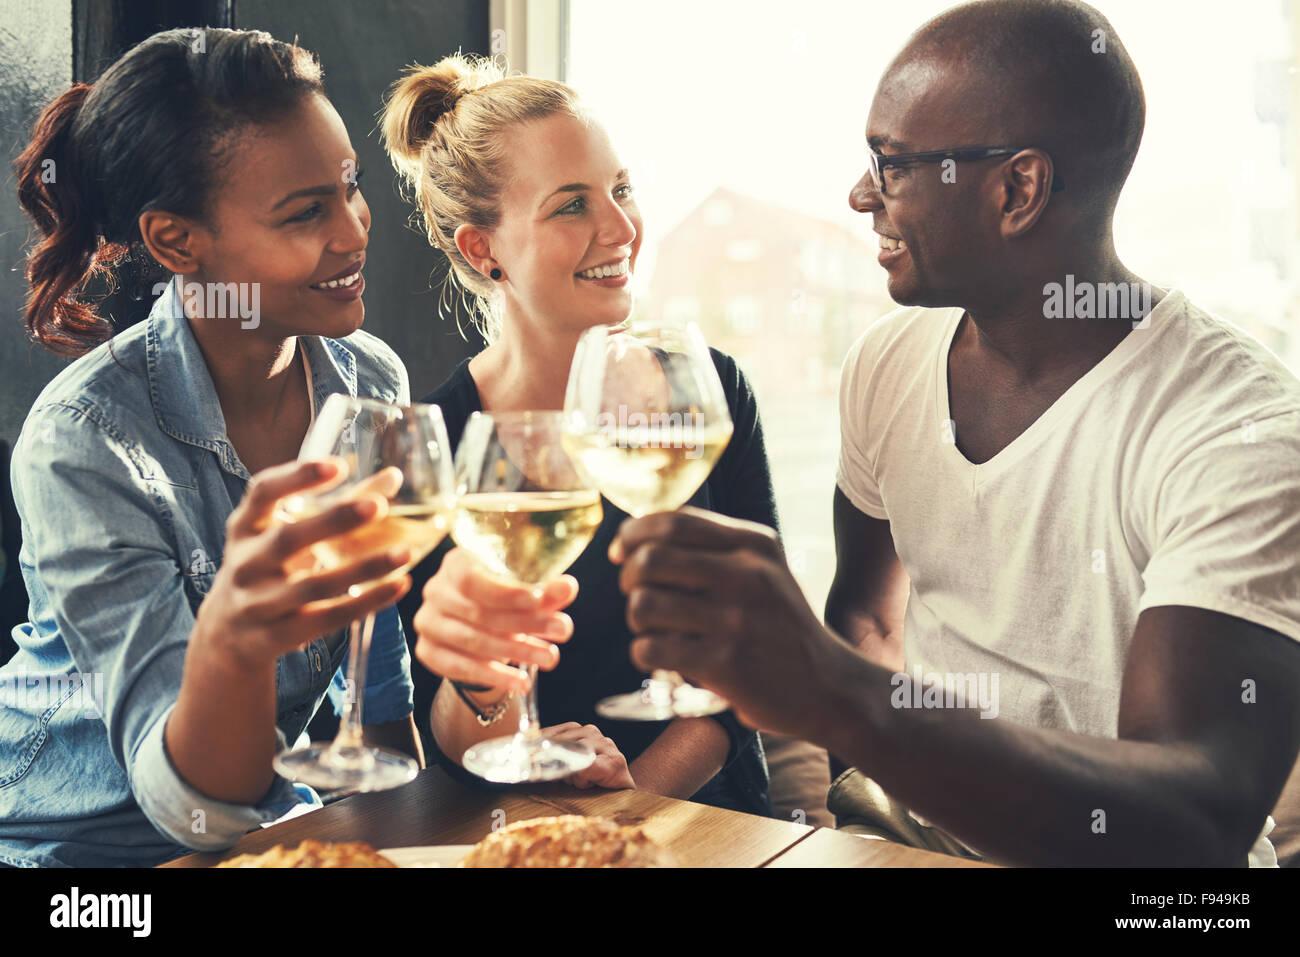 Ethnische Freunden in einer Bar trinken Wein und Tapas essen Stockbild